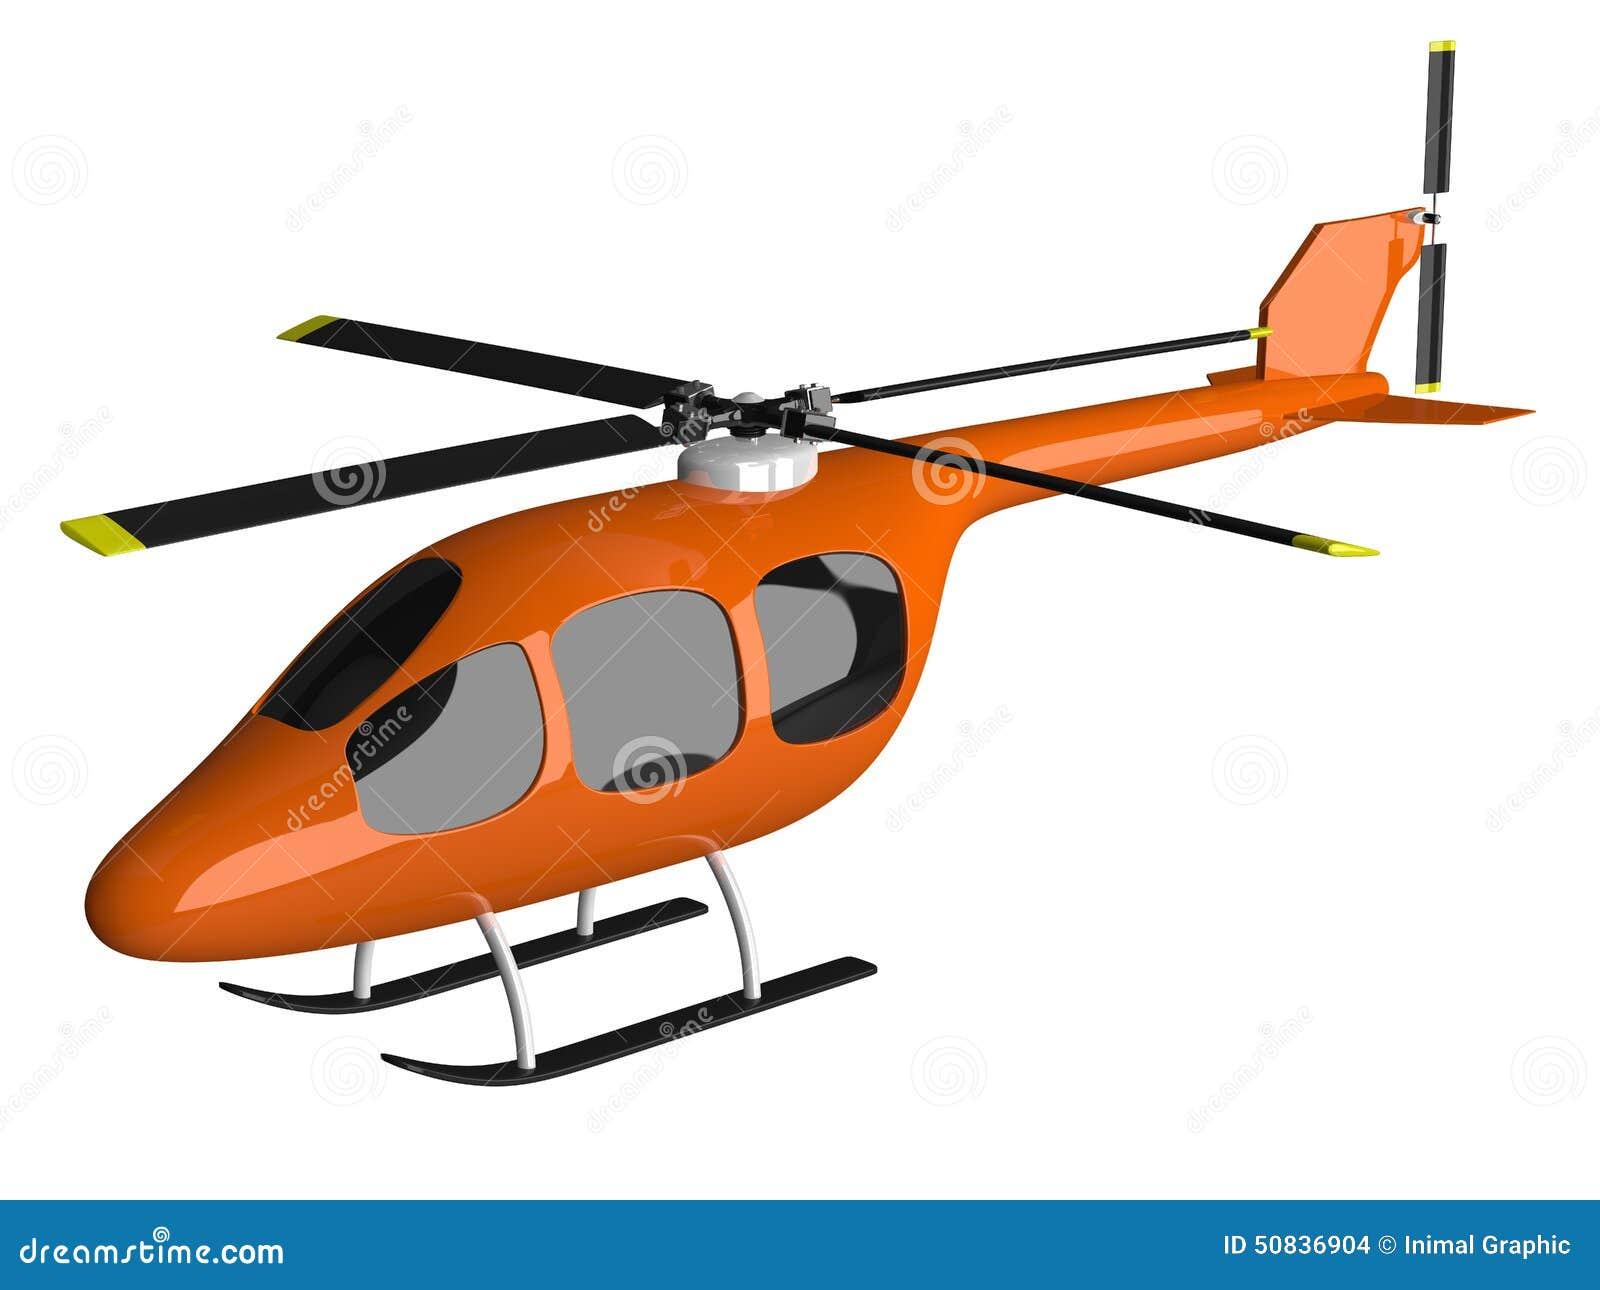 Elicottero Arancione : Toy orange helicopter isolated stock illustration